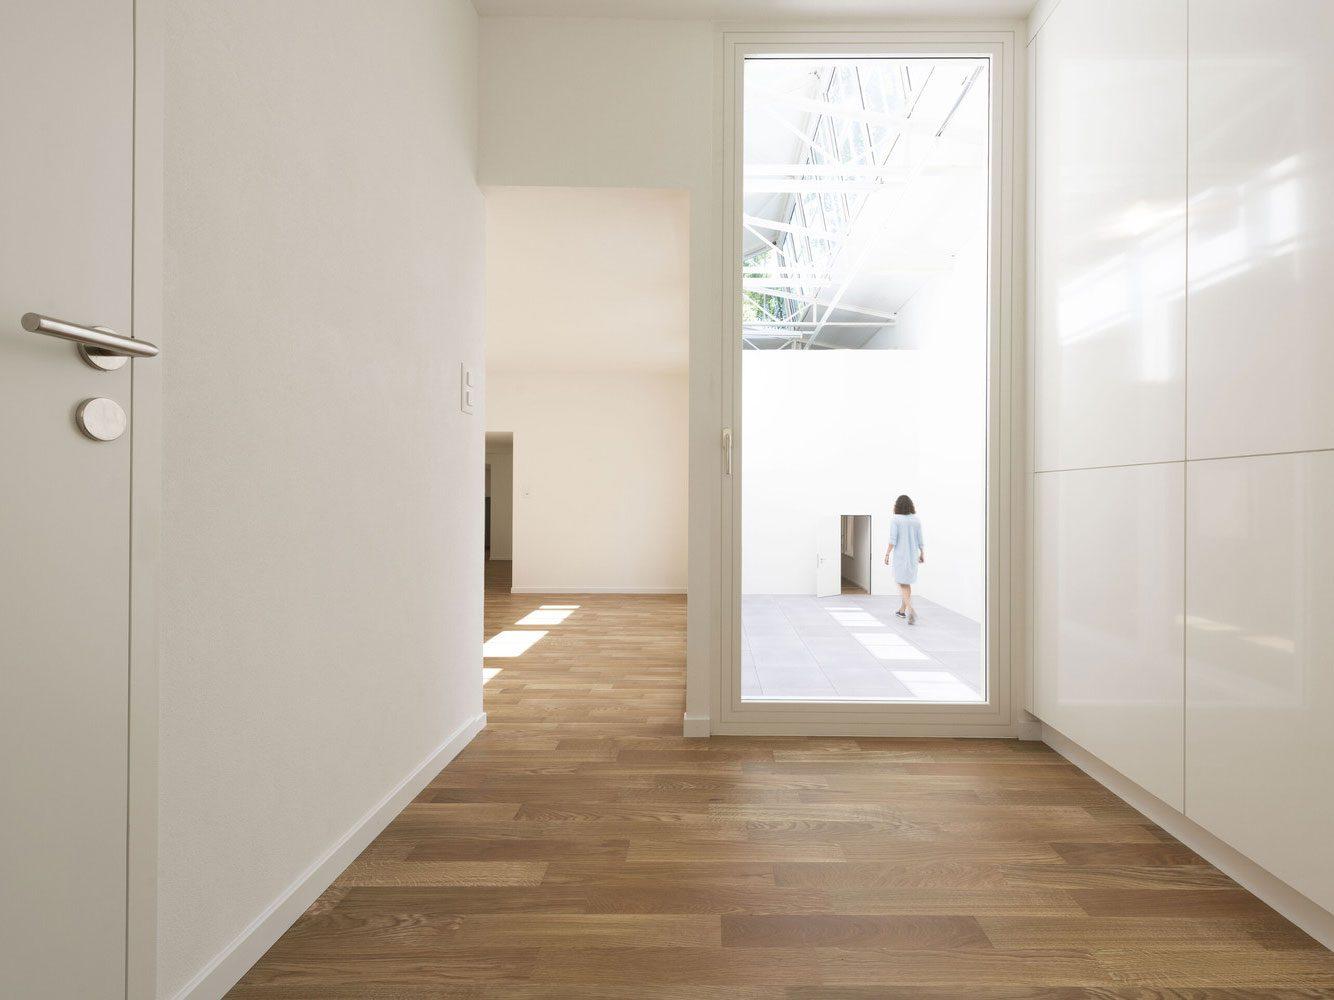 Svizzera 240 gli interni elvetici alla biennale for Interni architettura